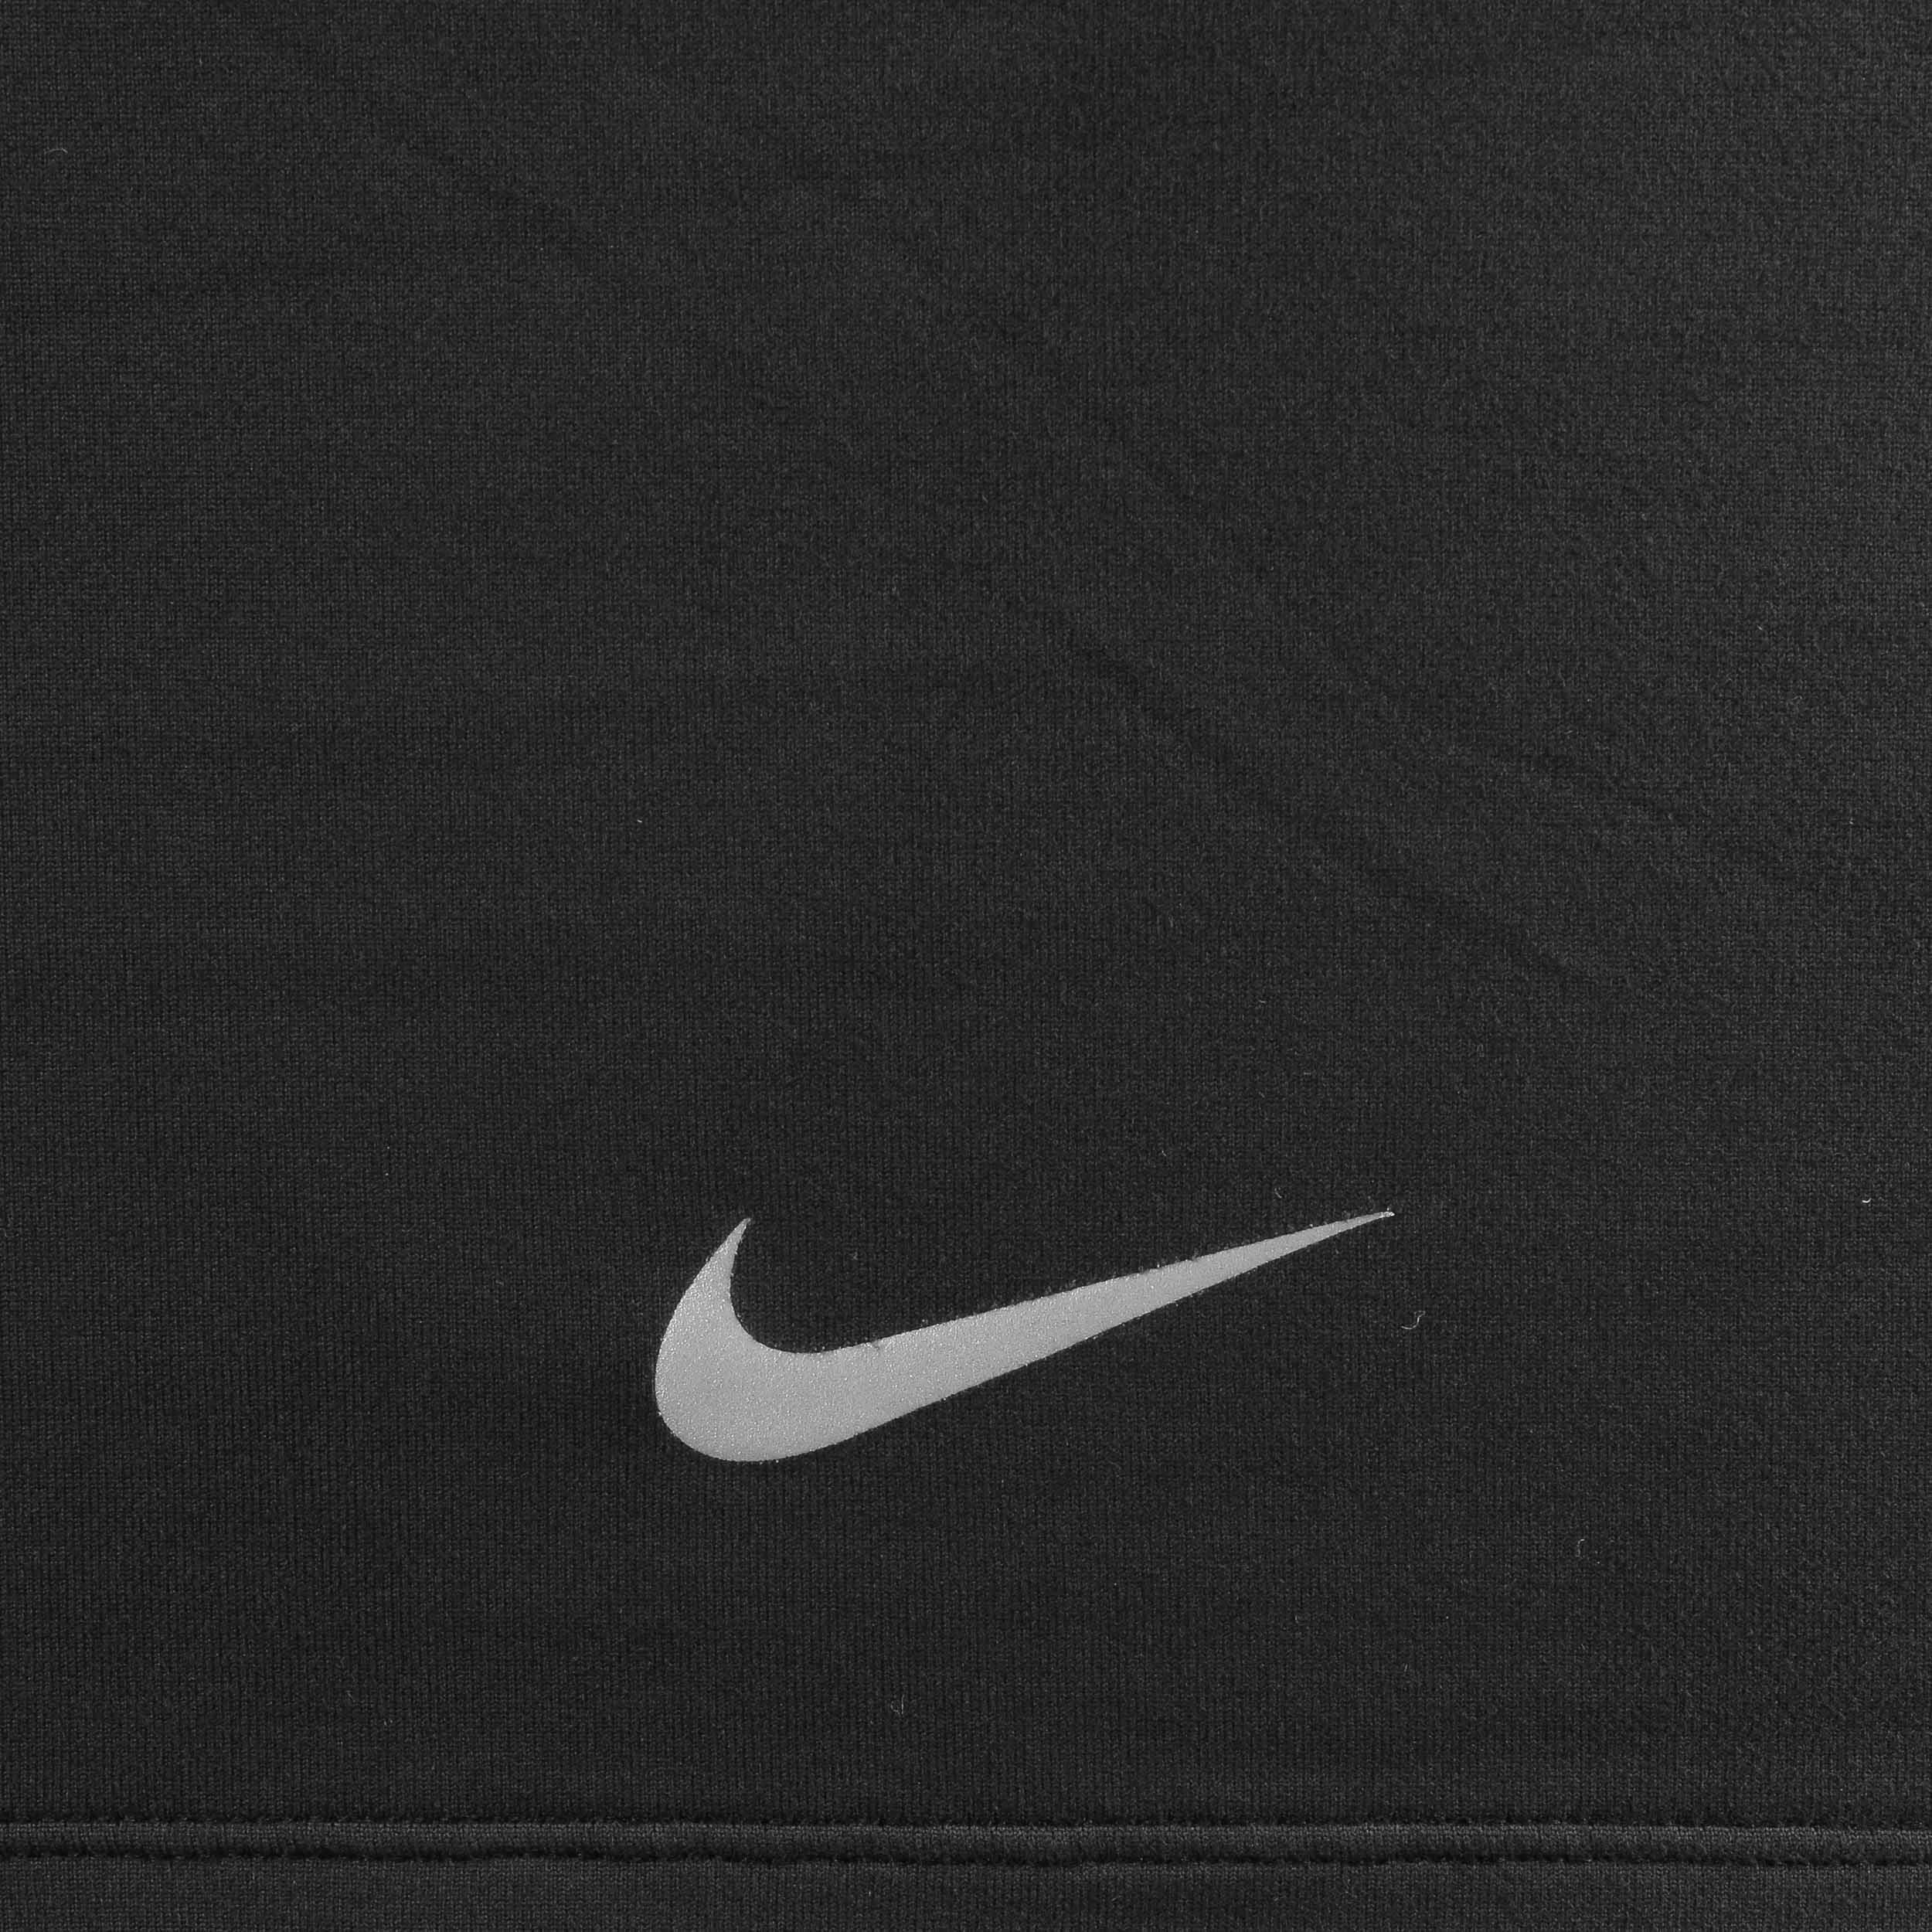 nuevo concepto boutique de salida nuevo estilo Multifunctional Bandana Dri-Fit by Nike